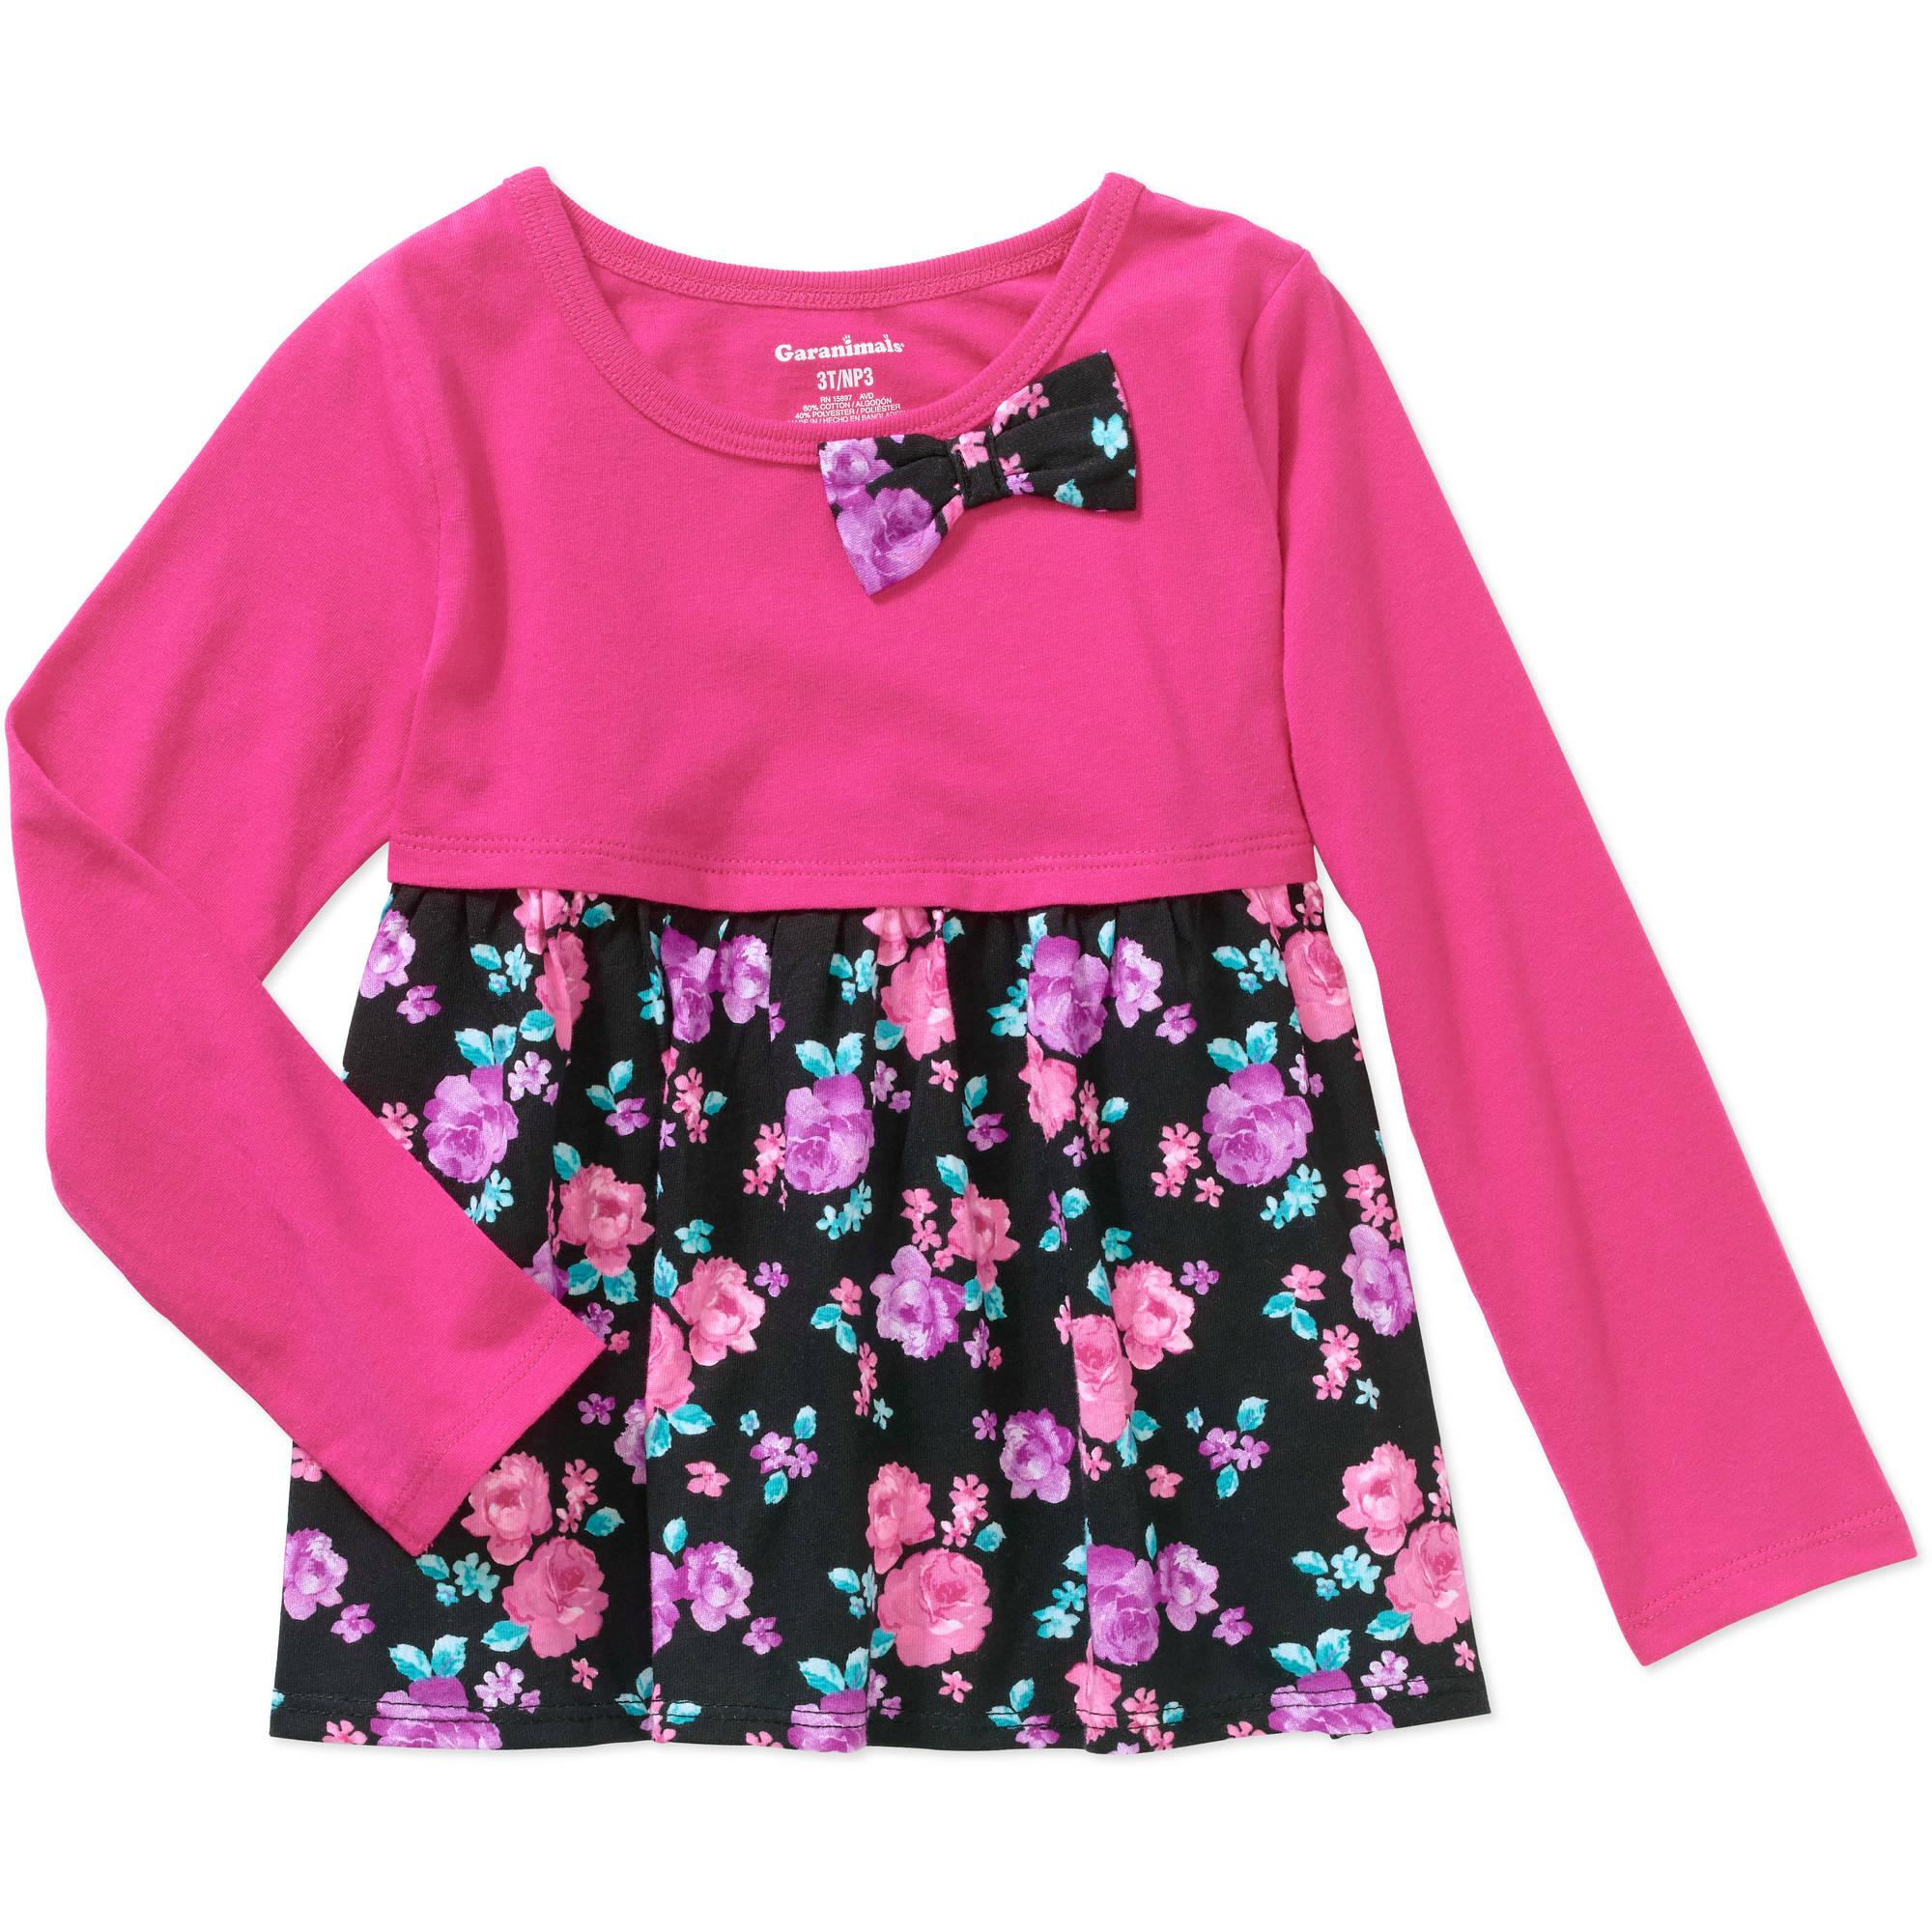 Garanimals Baby Toddler Girls' Long Sleeve Printed Babydoll Tee